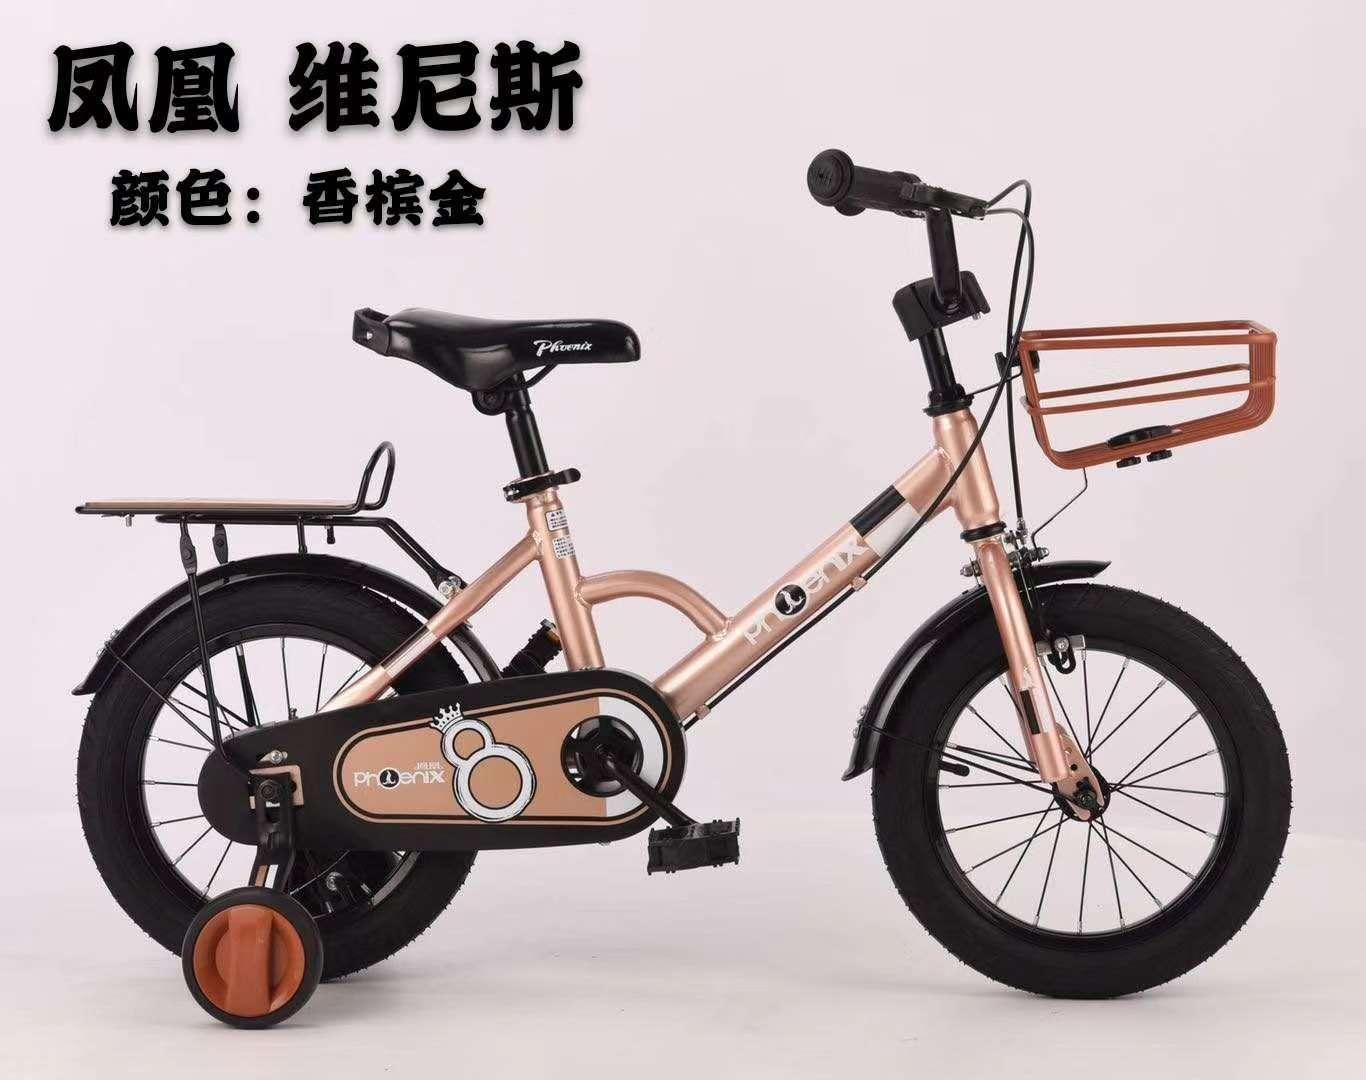 18寸凤凰牌儿童山地自行车,带后座,适用于6-8岁